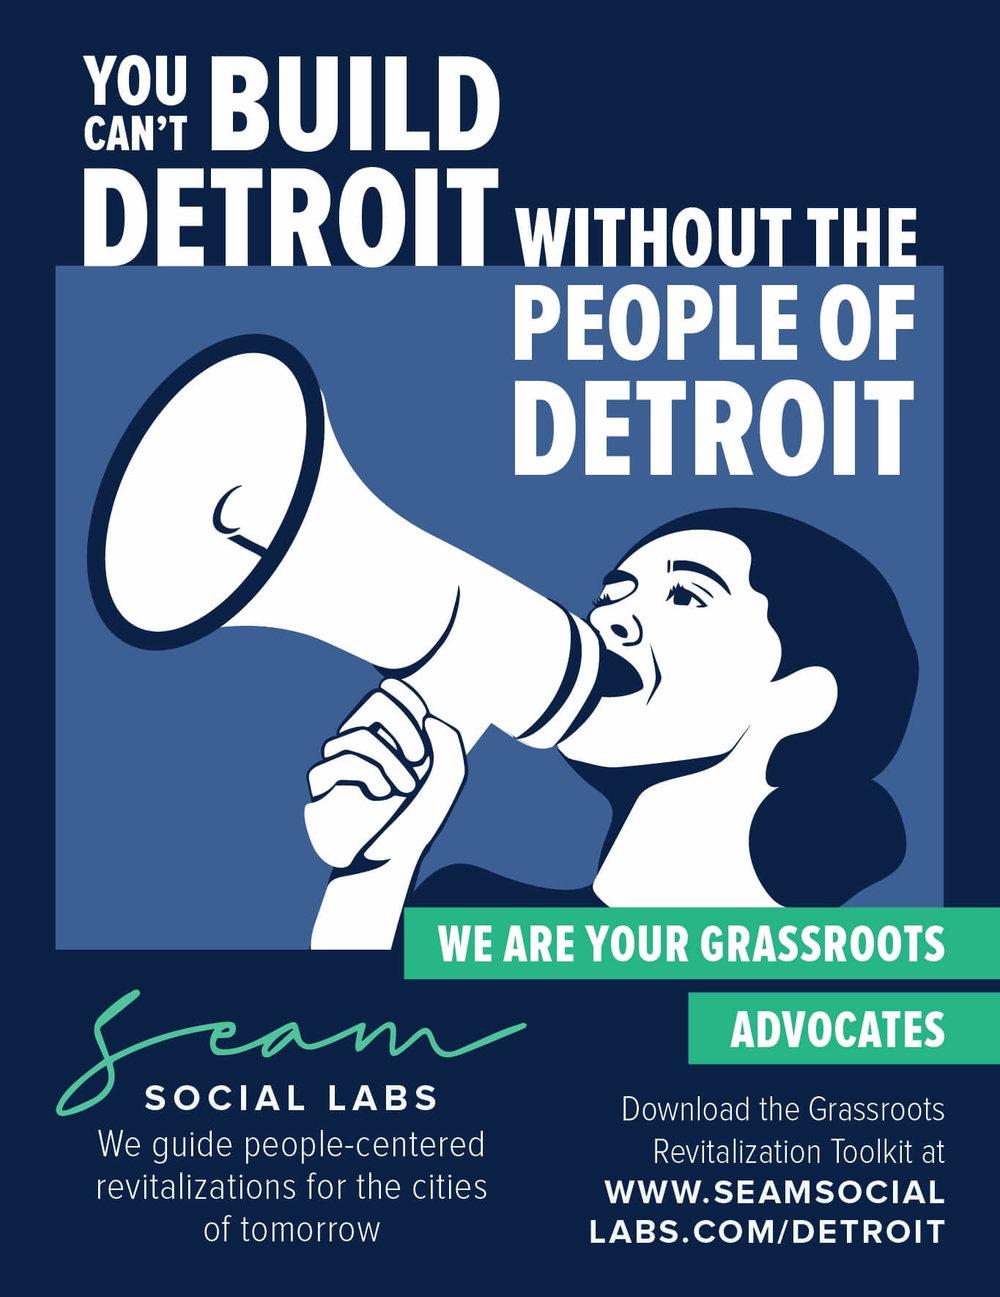 Seam-Social-Labs-For-Detroit.jpg